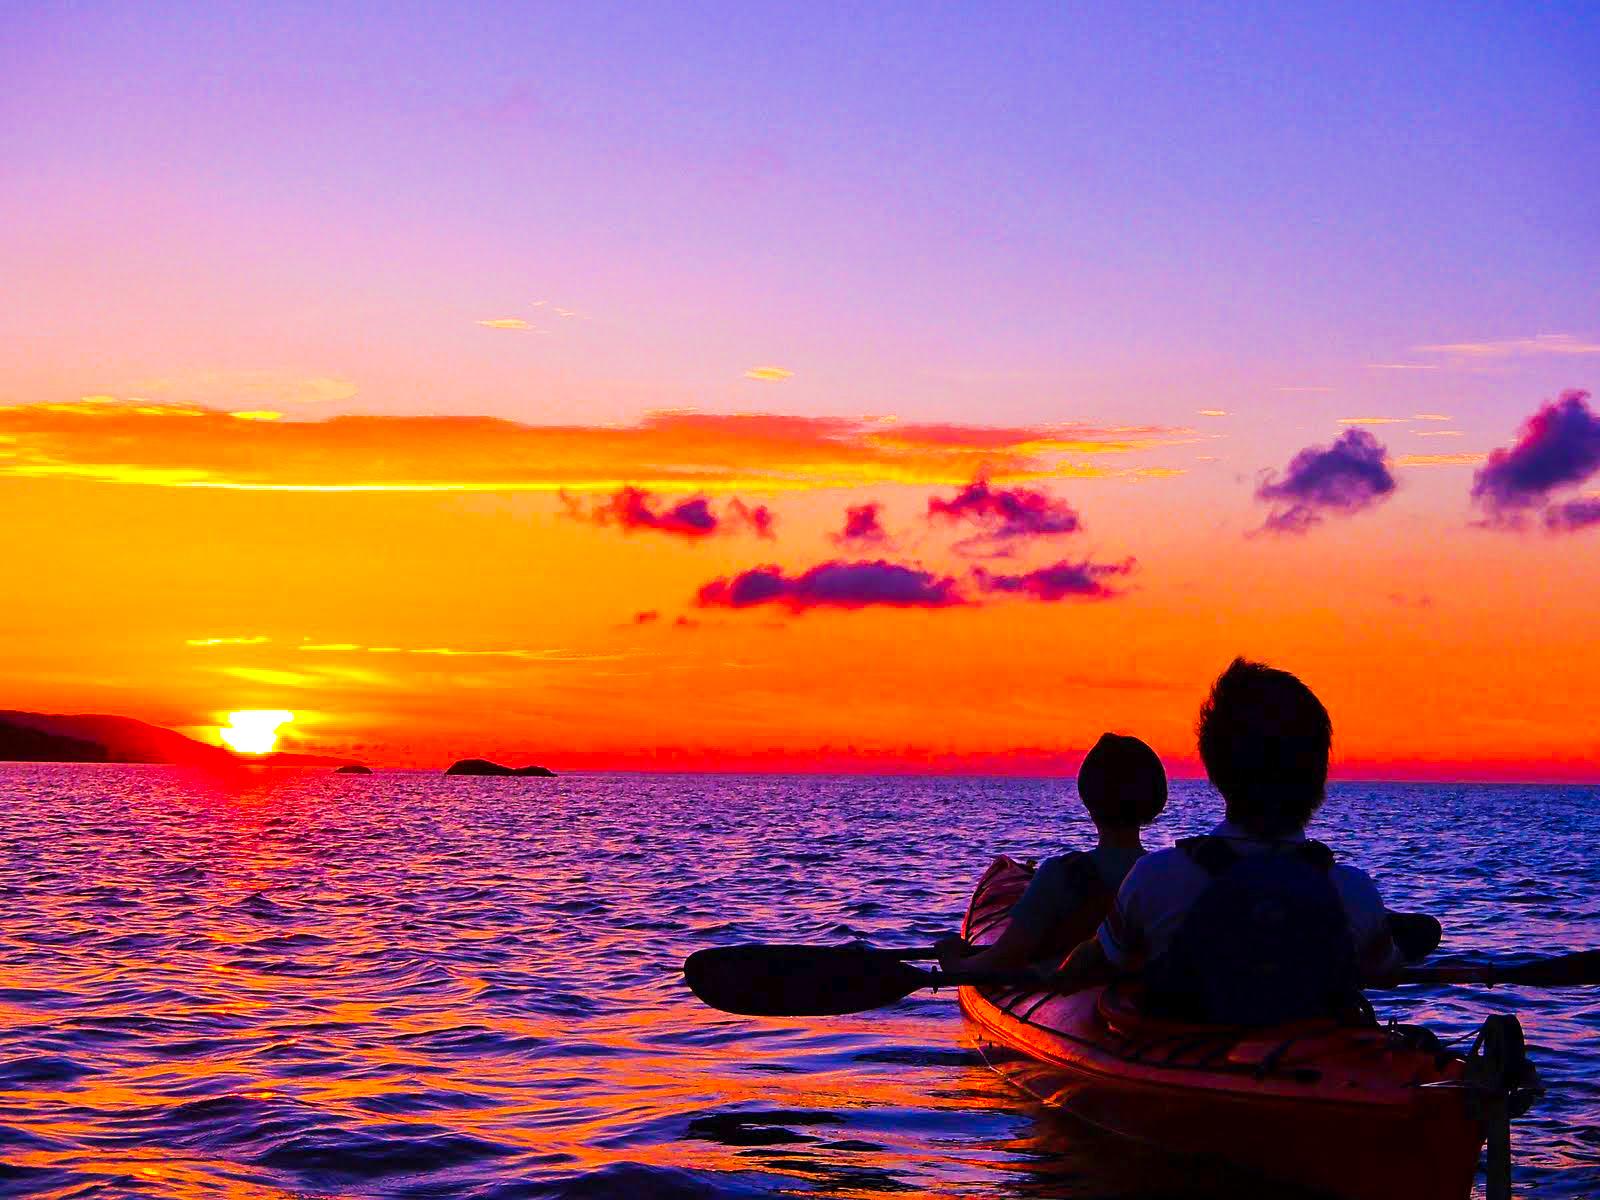 サンセットをカヌーに乗りながらで見る